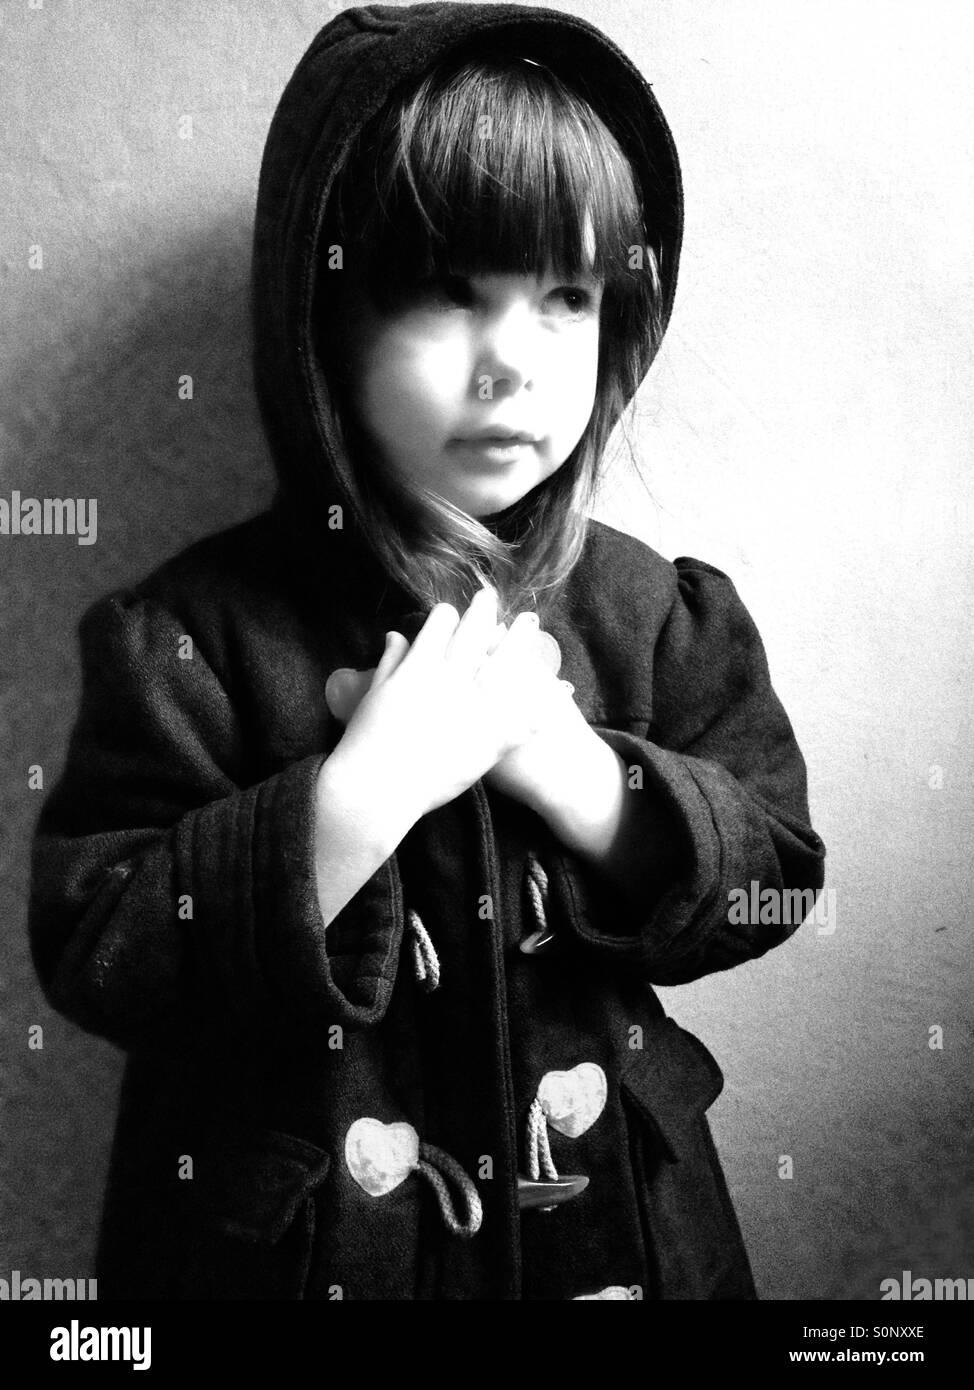 Niña de 3 años vistiendo duffle coat Imagen De Stock